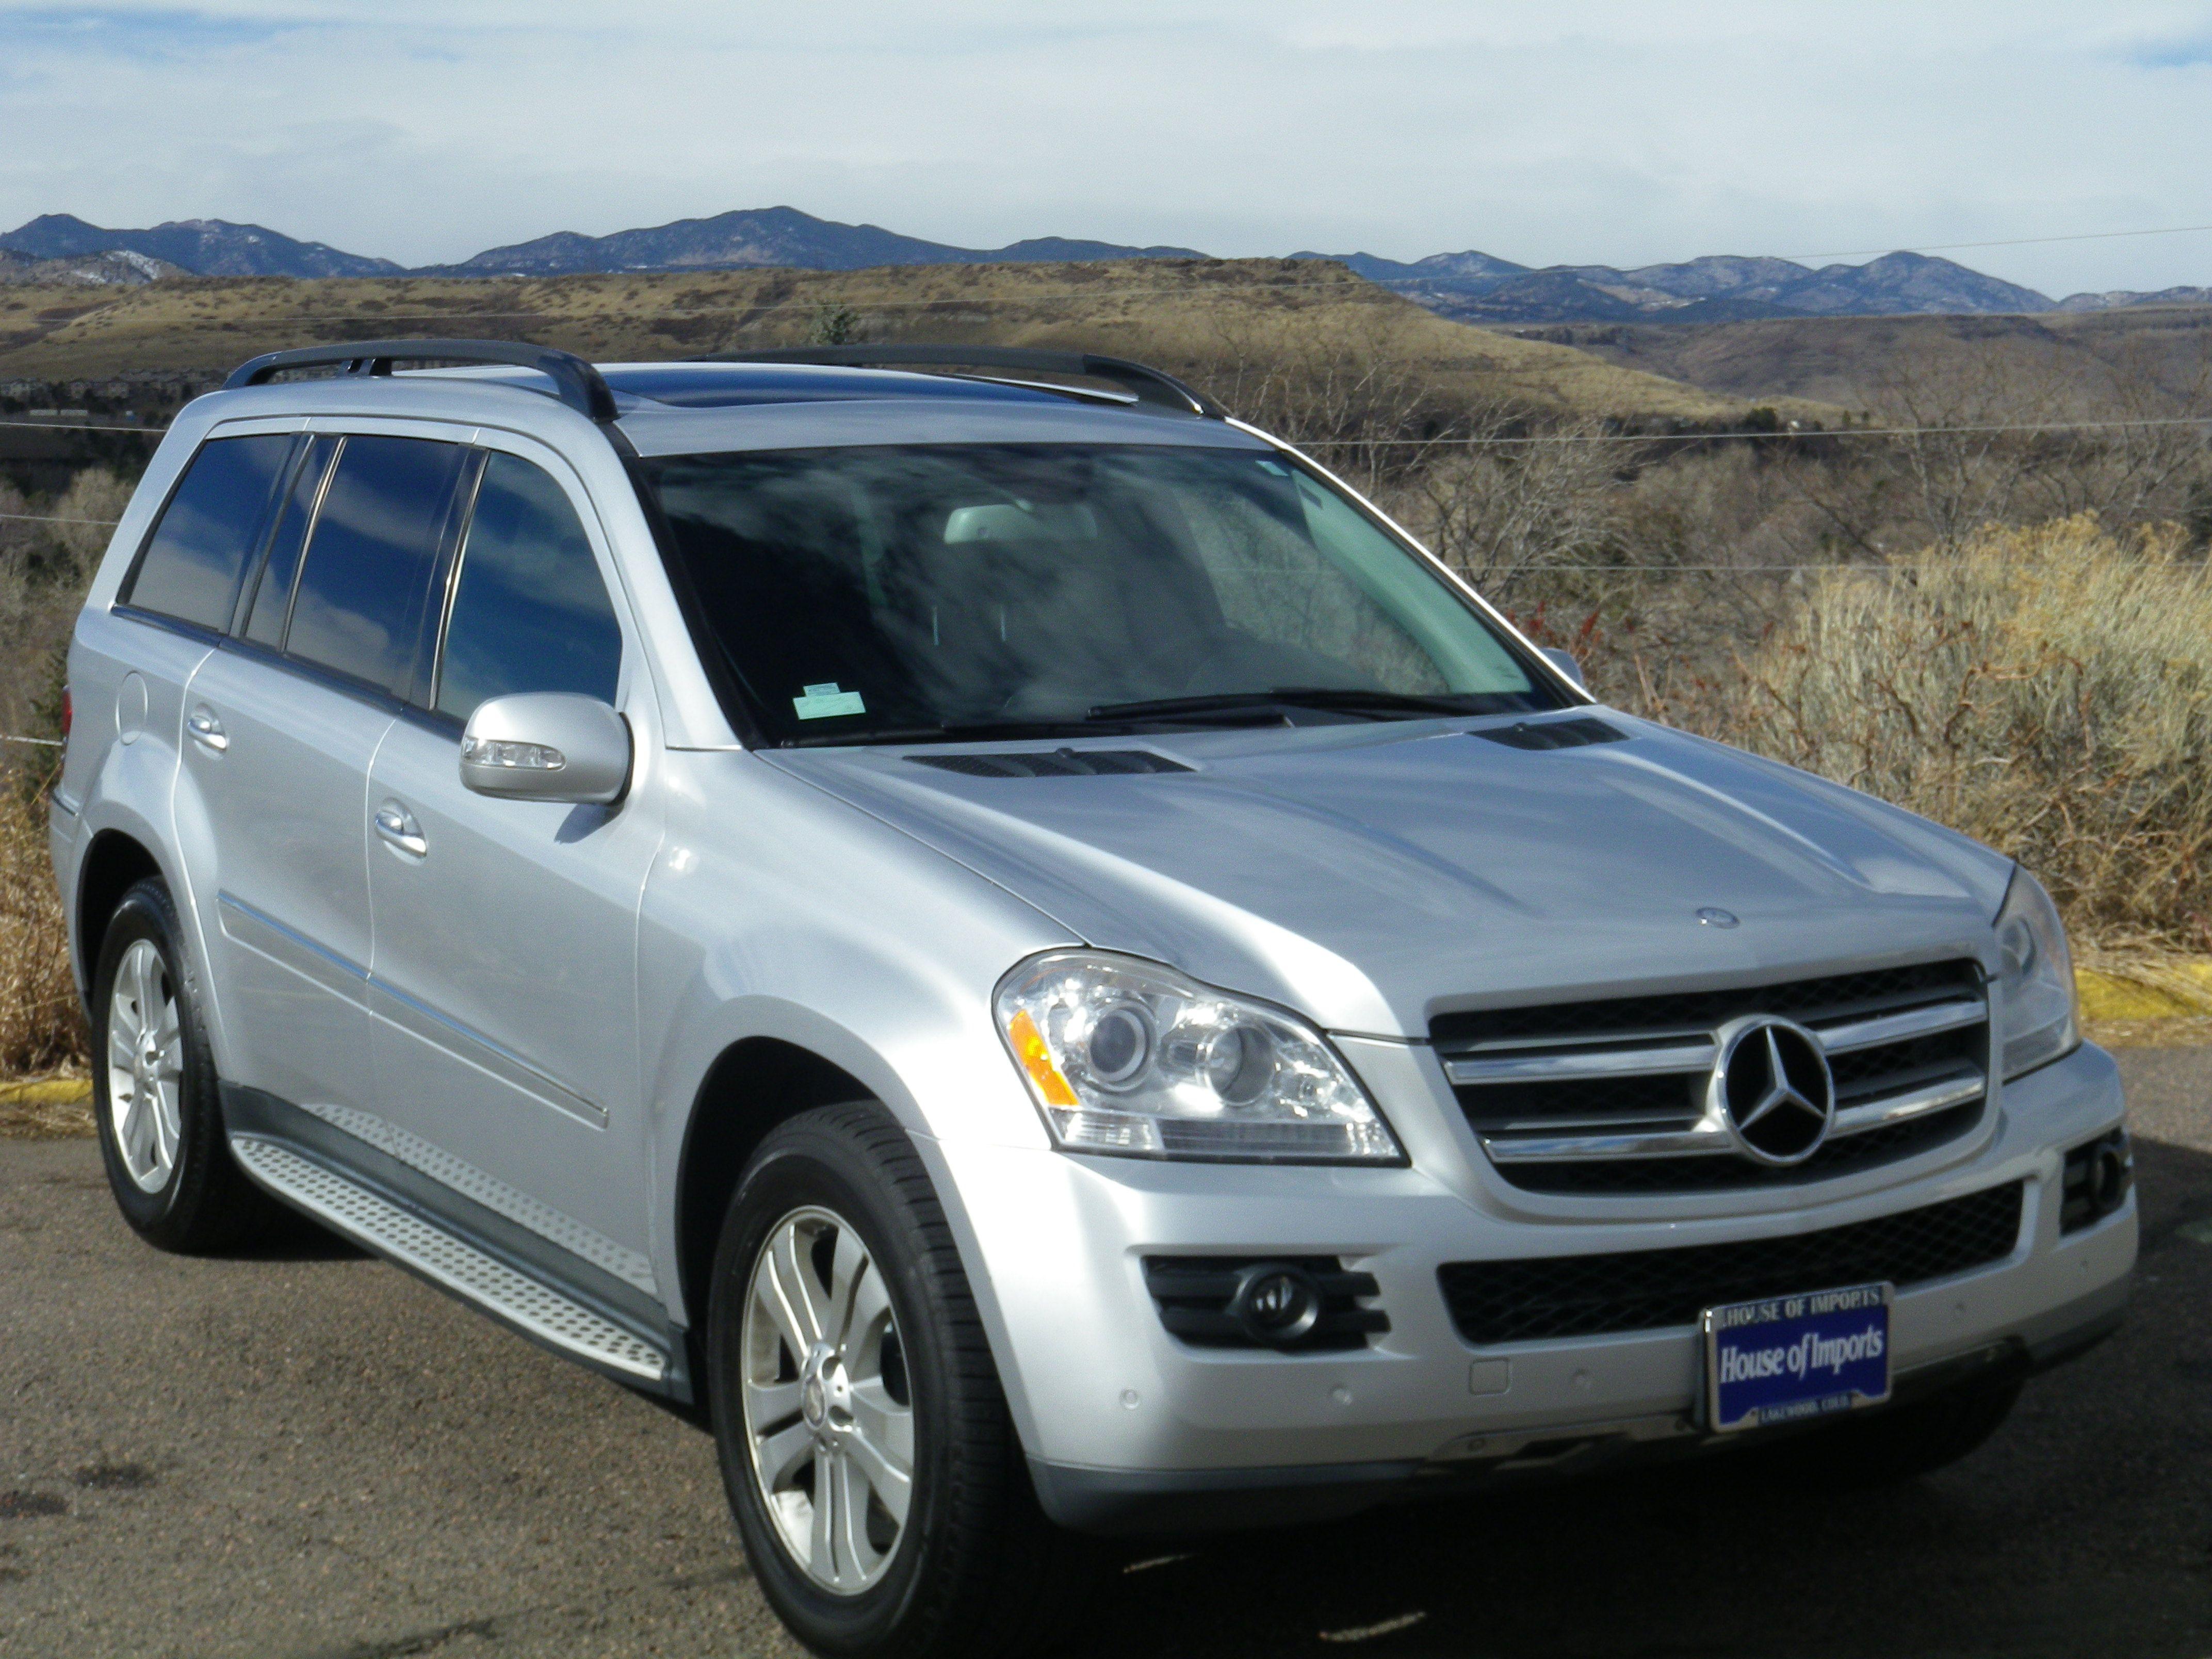 Great 2008 Mercedes Benz GL450 4 Matic Odometer: 76,873 V.I.N. #:  4JGBF71E68A411138 Stock #